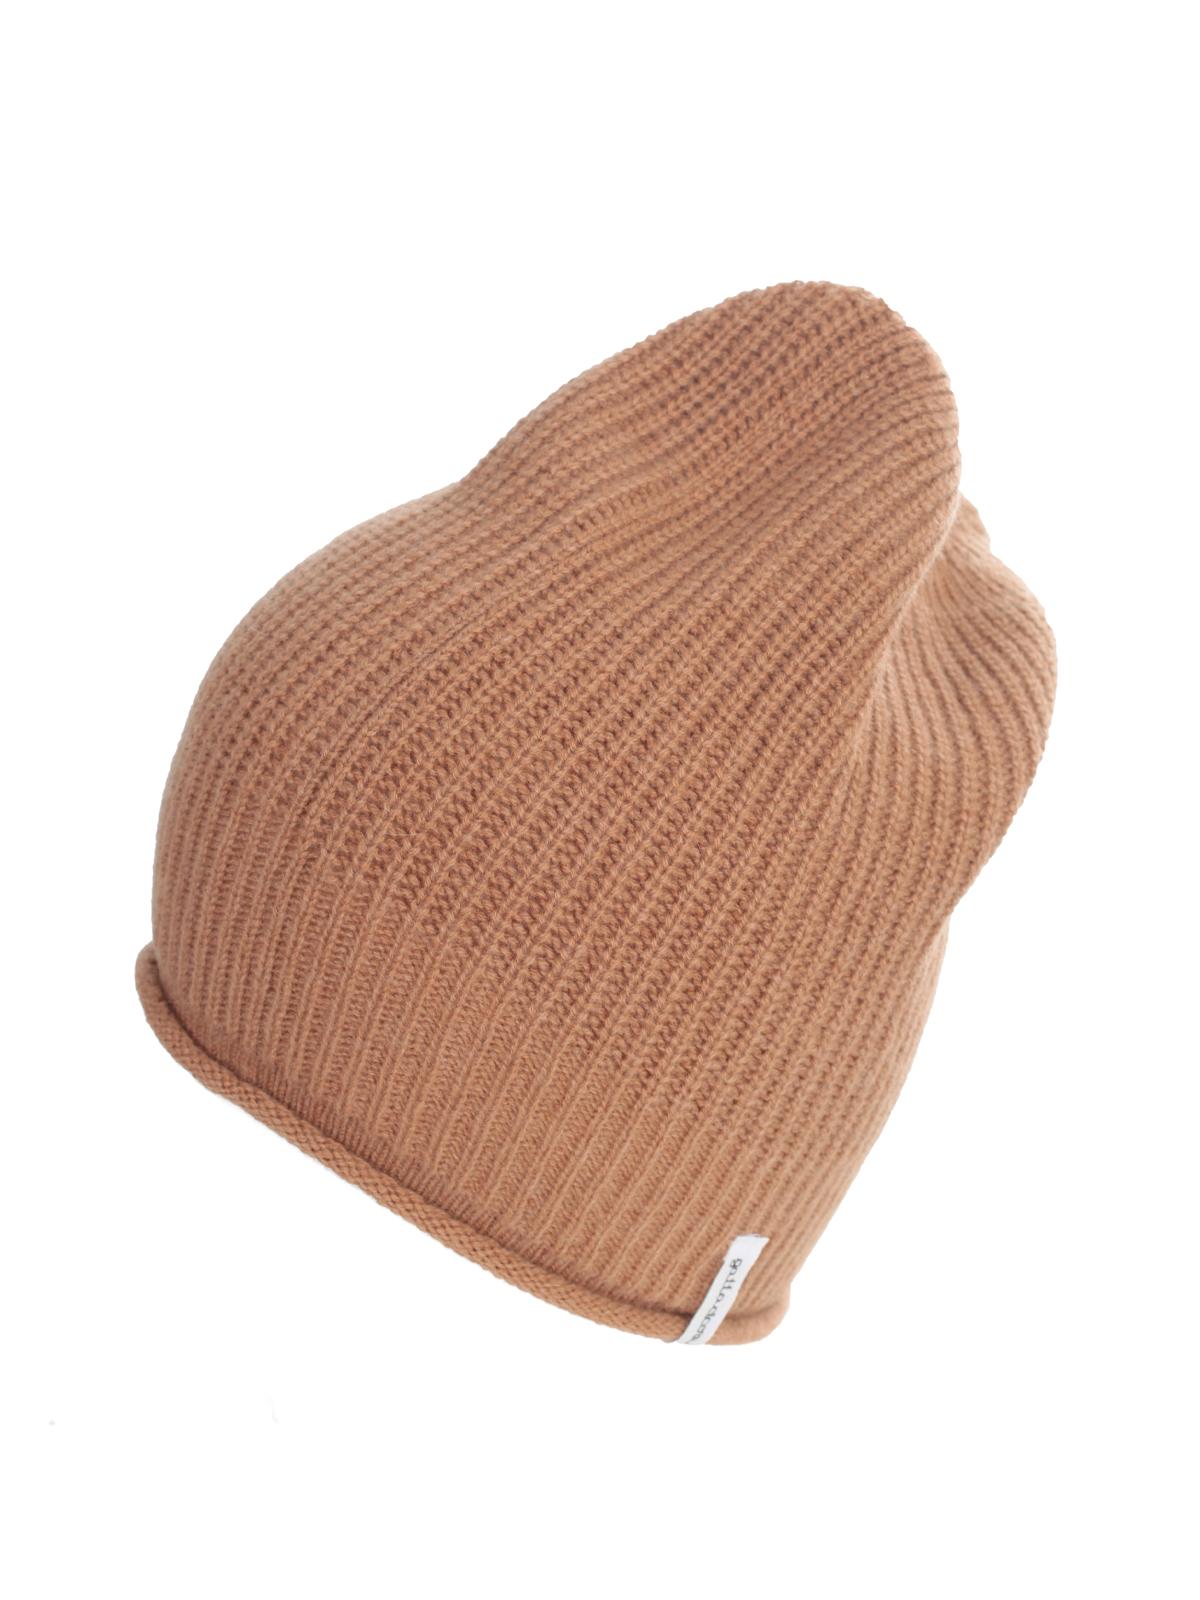 Picture of Gattacicova Hat